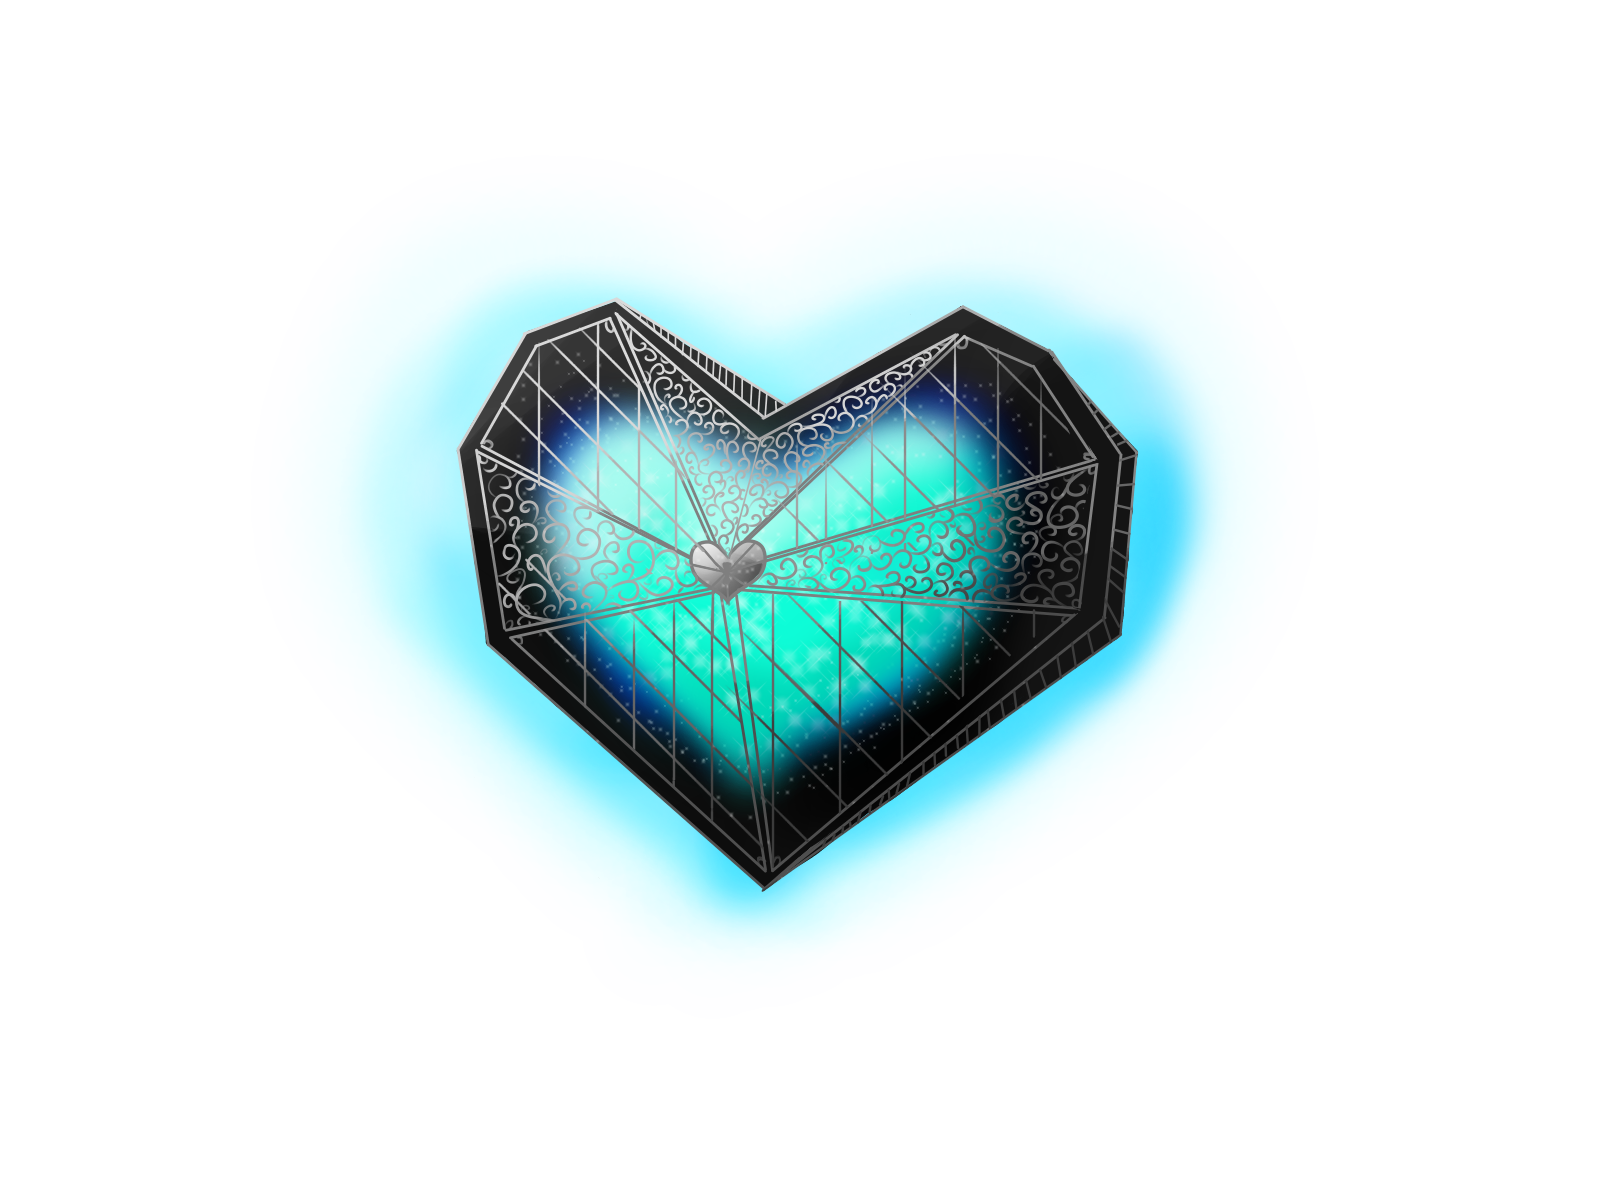 encased heart